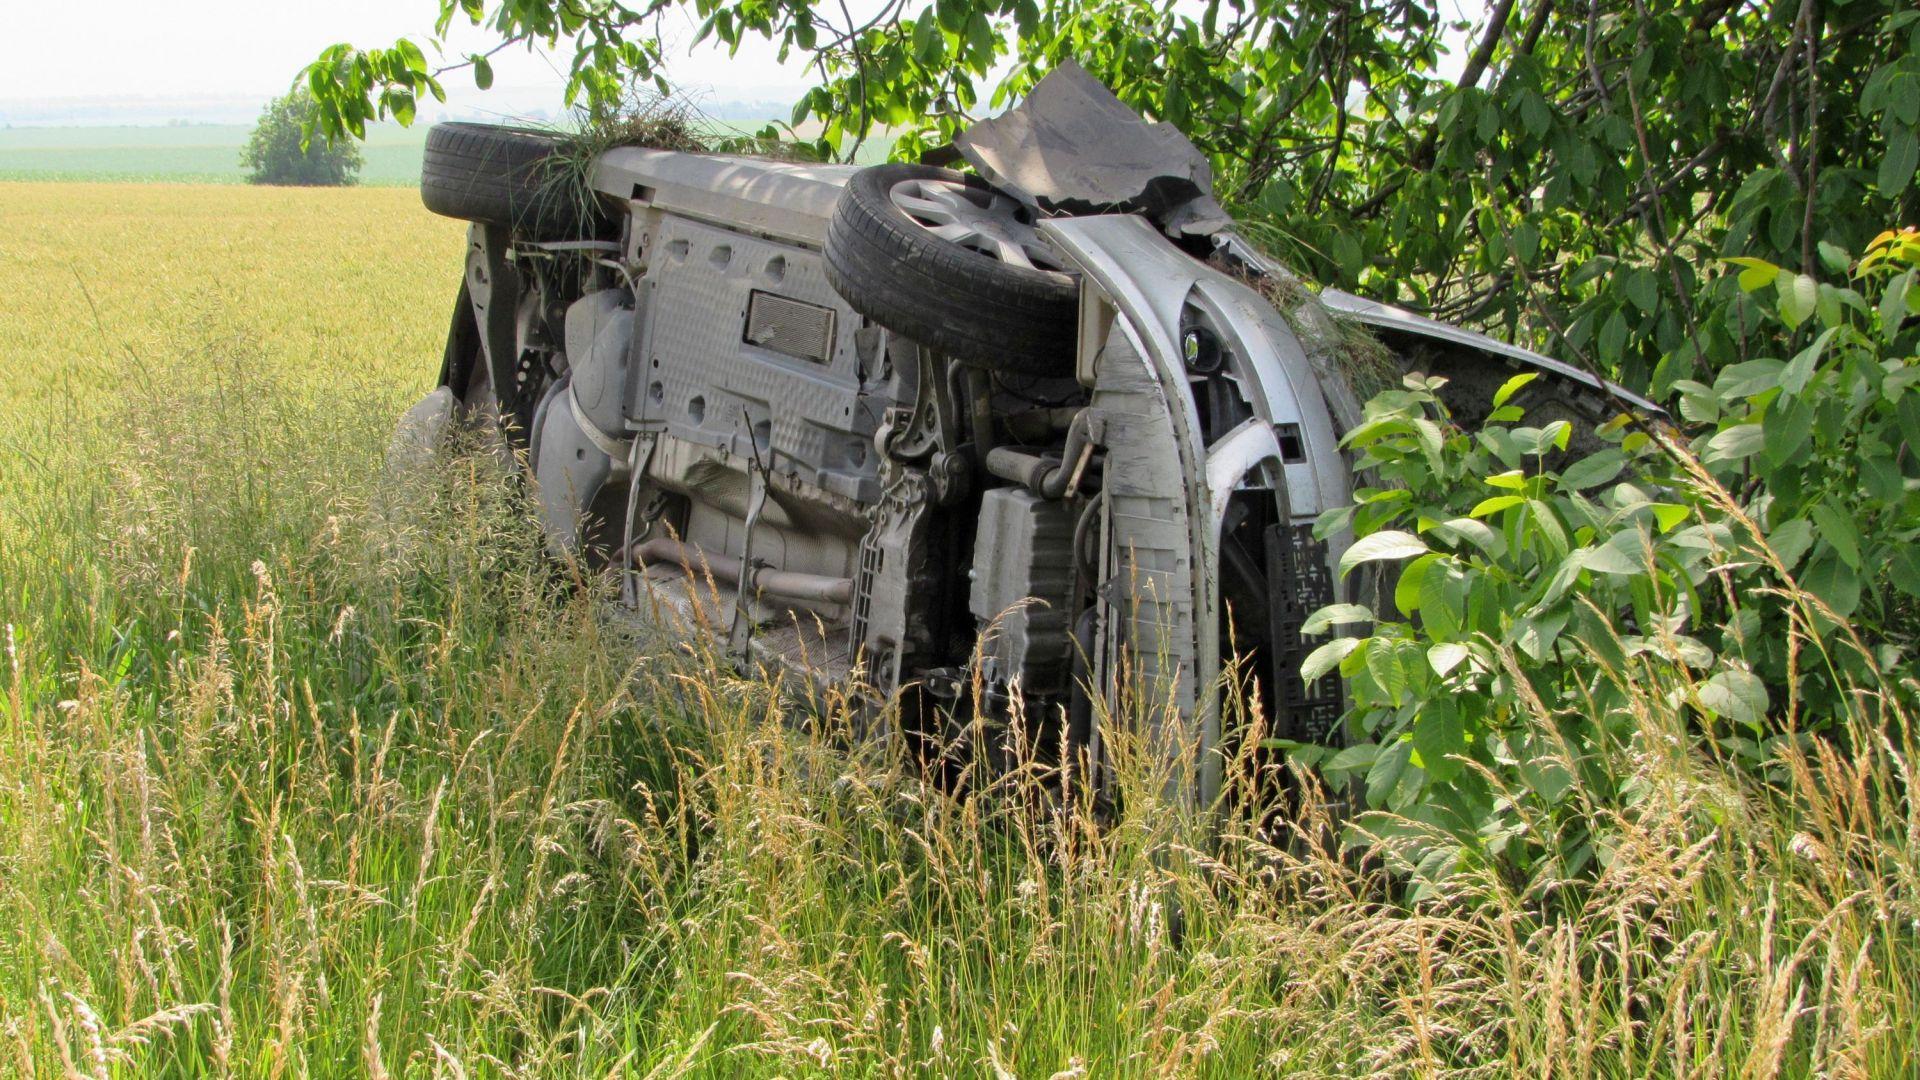 22-годишна шофьорка пострада при катастрофа, станала днес преди обед на